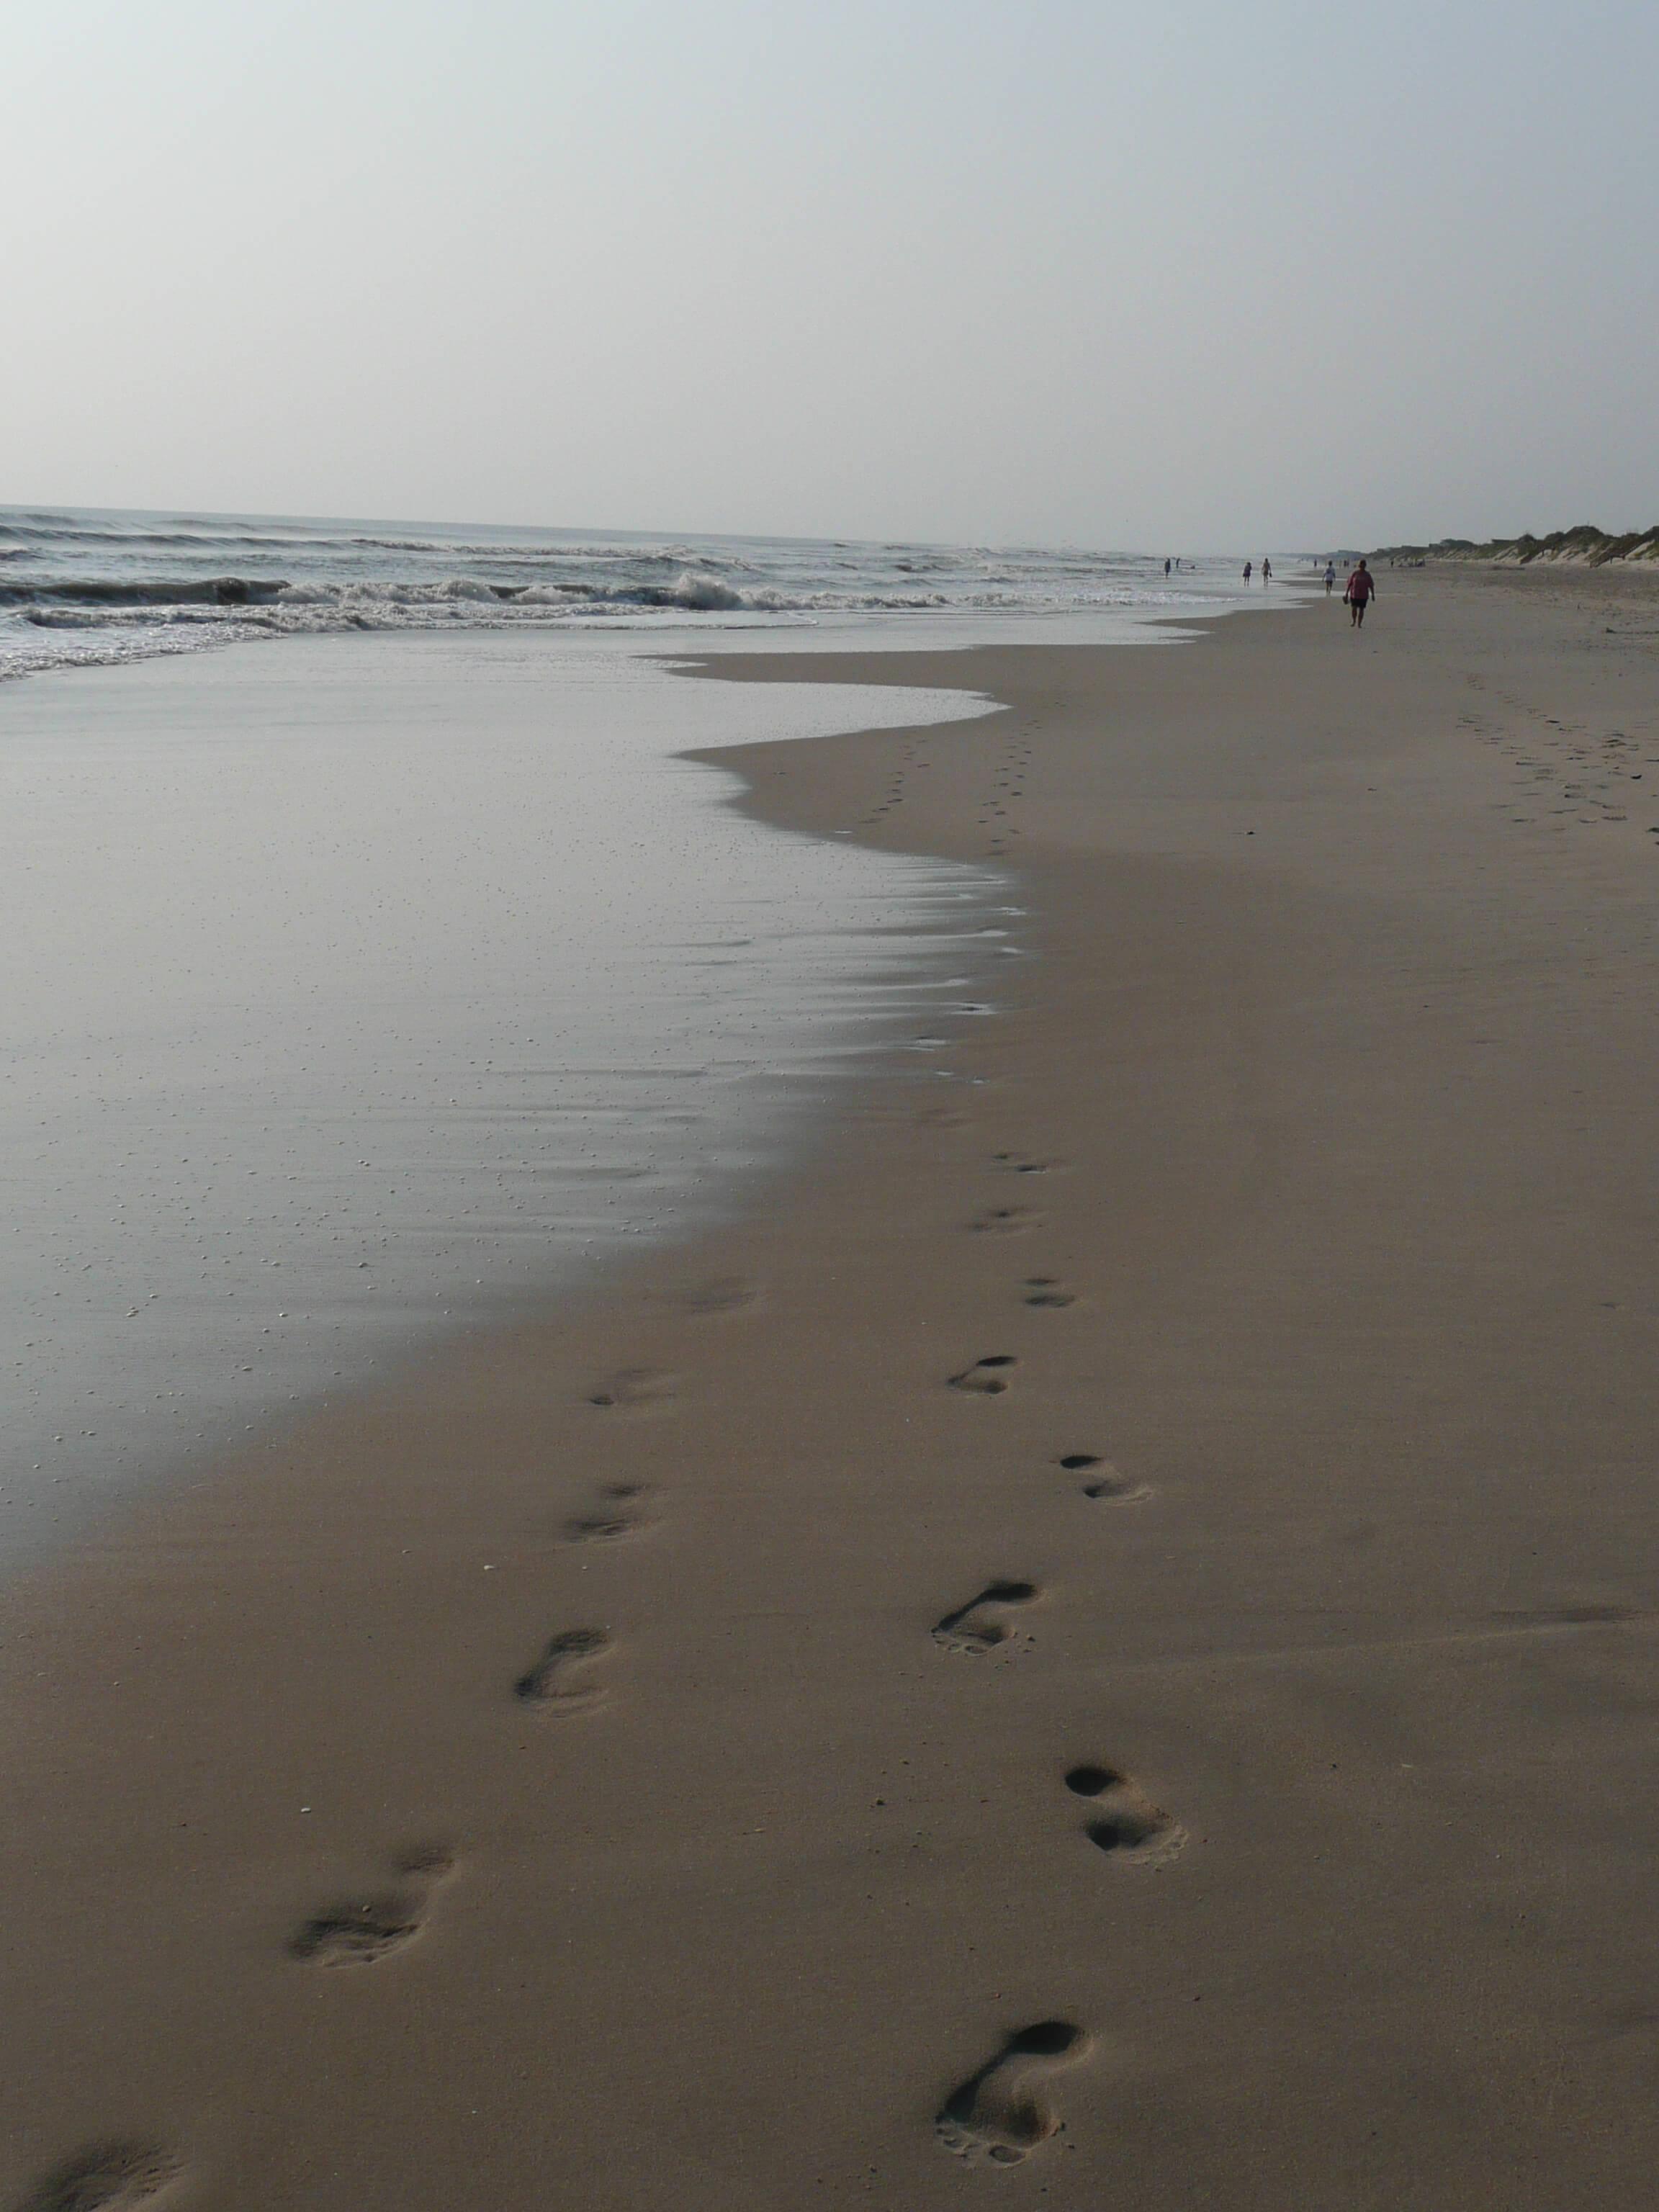 at the beach - DaytoDayAdventures.com